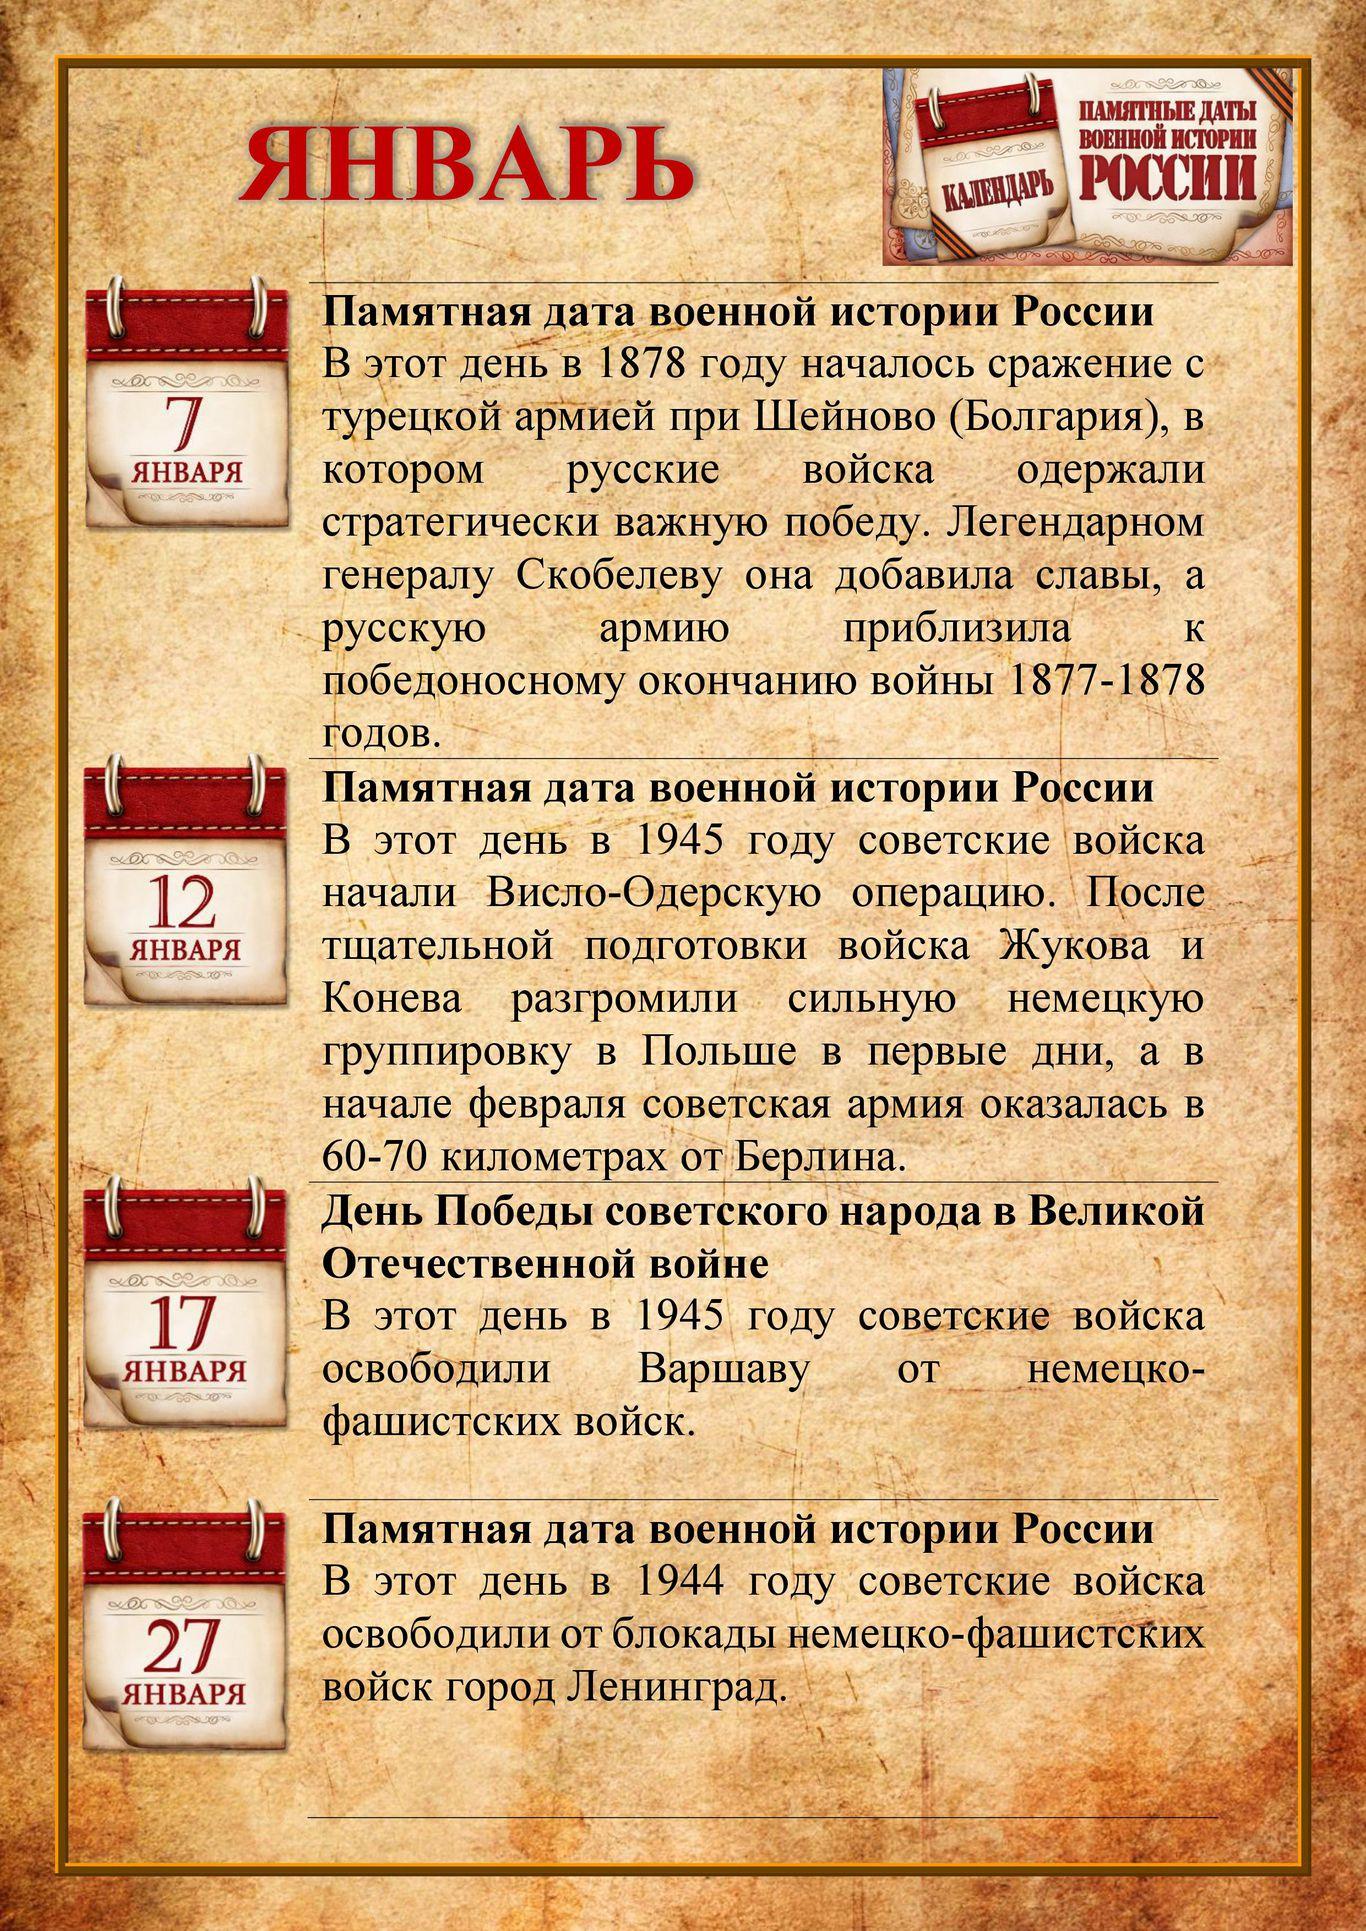 Памятные даты военной истории России, январь 2020 года. - Официальный сайт  МБОУ СОШ № 6